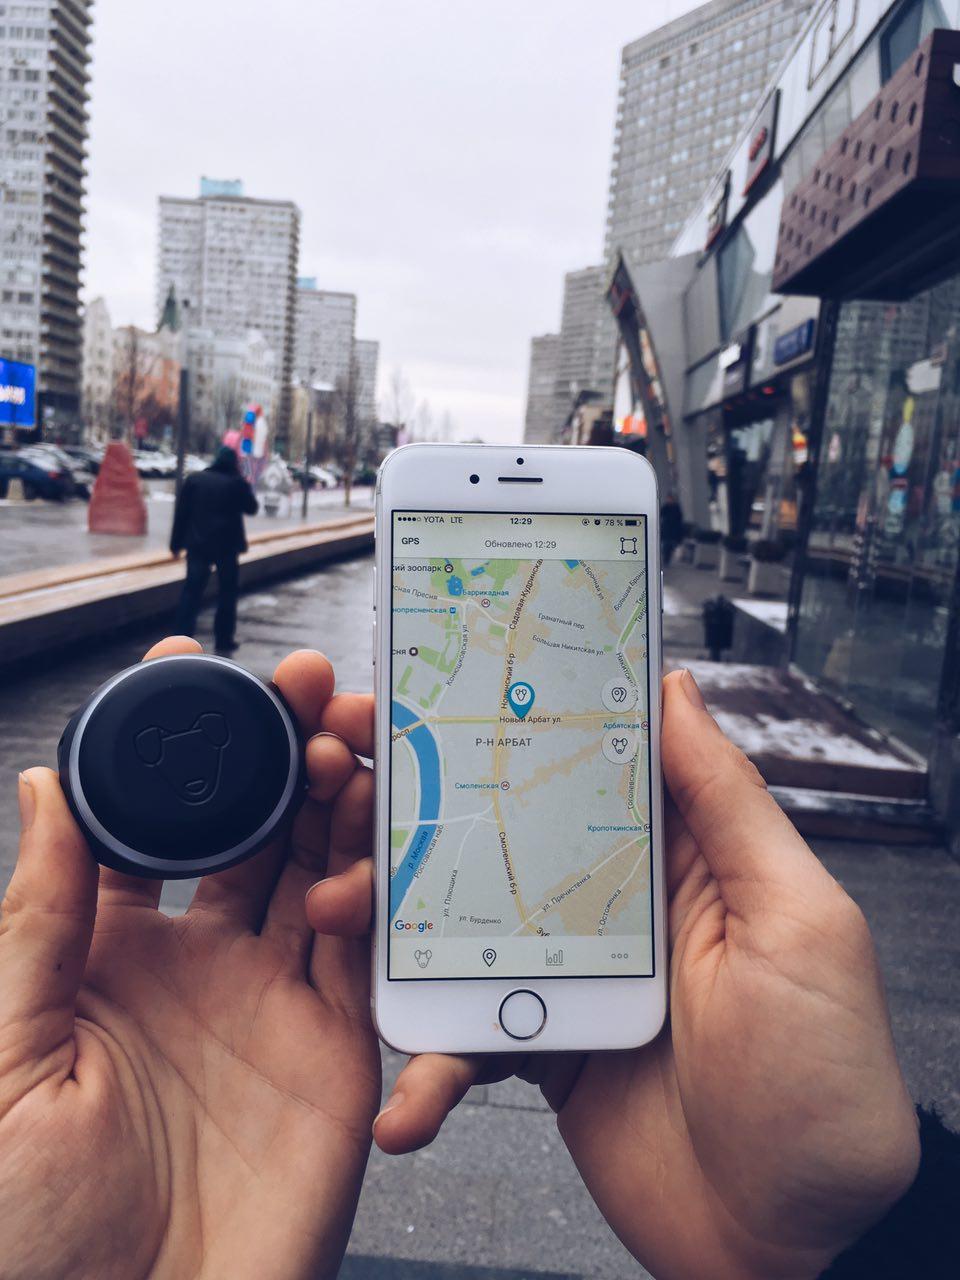 Тестируем на животных: как работает GPS-трекер для собак Mishiko в Москве? - 5